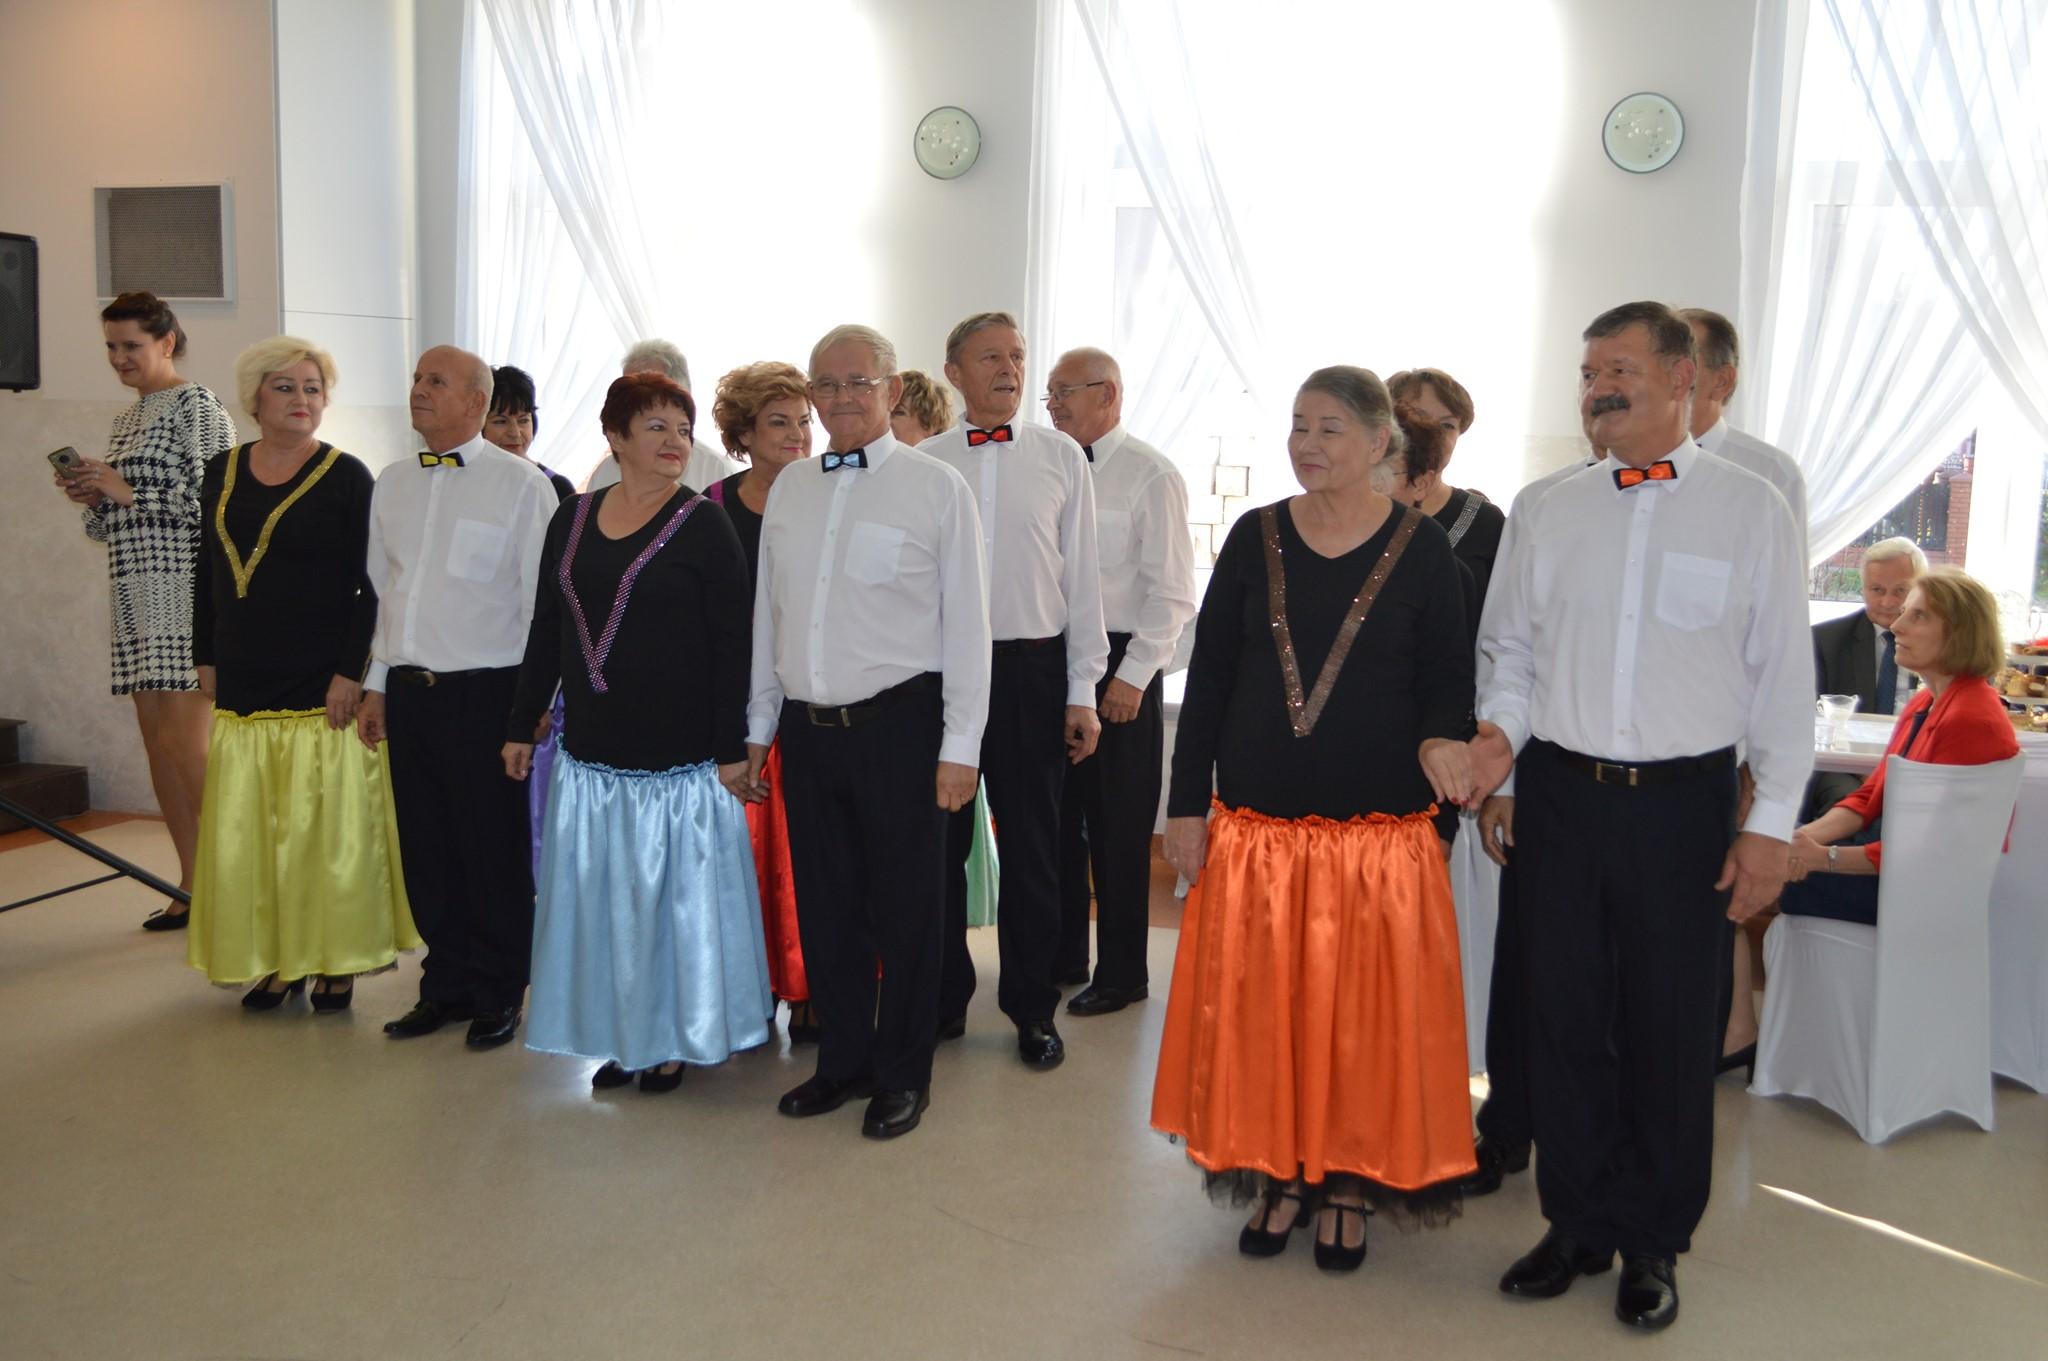 """Sukces formacji tanecznej """"Gracja"""" z Mielca  - Zdjęcie główne"""